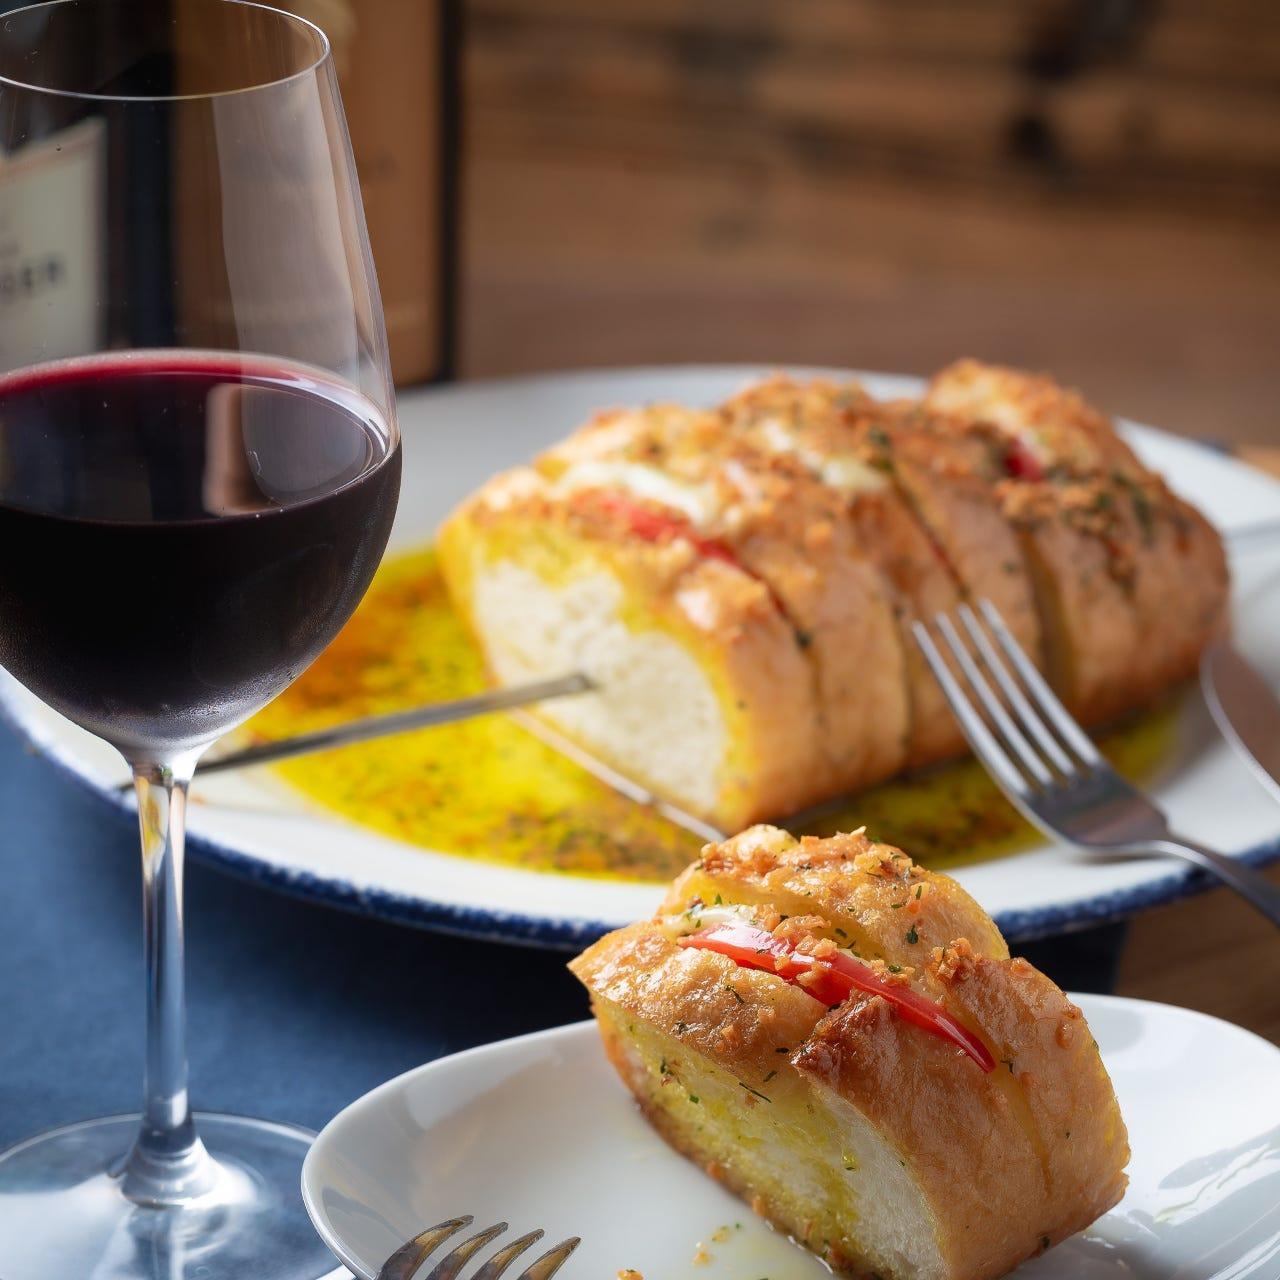 【人気】モッツァレラチーズとトマトの串焼きガーリックトースト